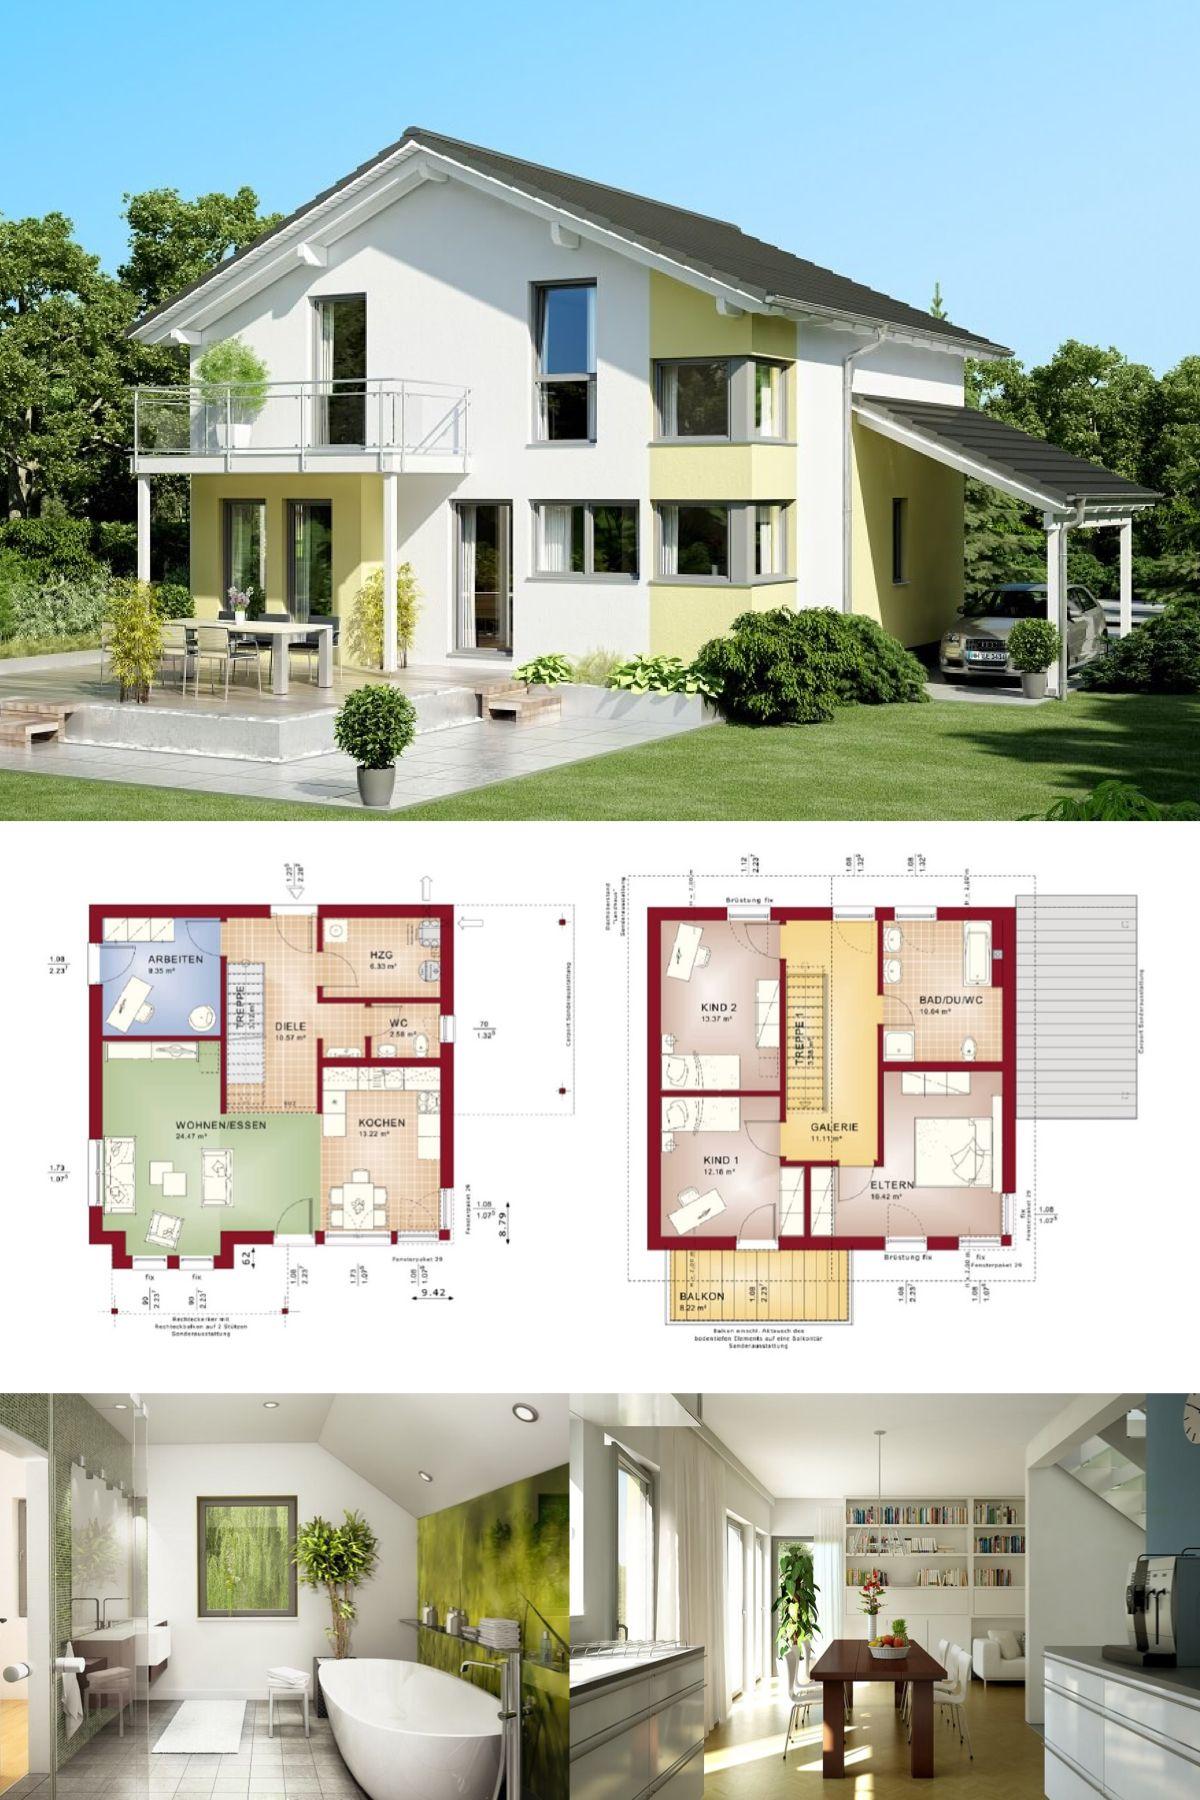 einfamilienhaus evolution 136 v4 bien zenker fertighaus bauen satteldach grundriss modern offene kche carport terrasse